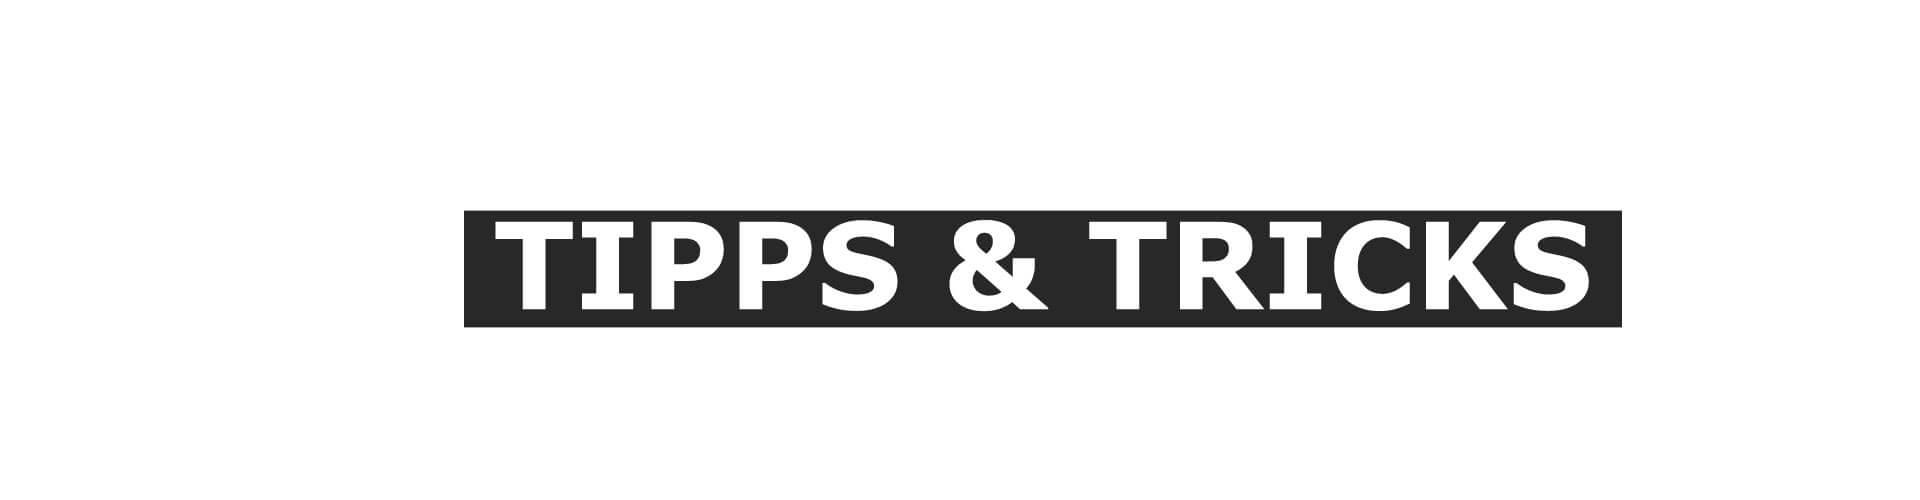 TIPPS & TRICKS - Übersicht